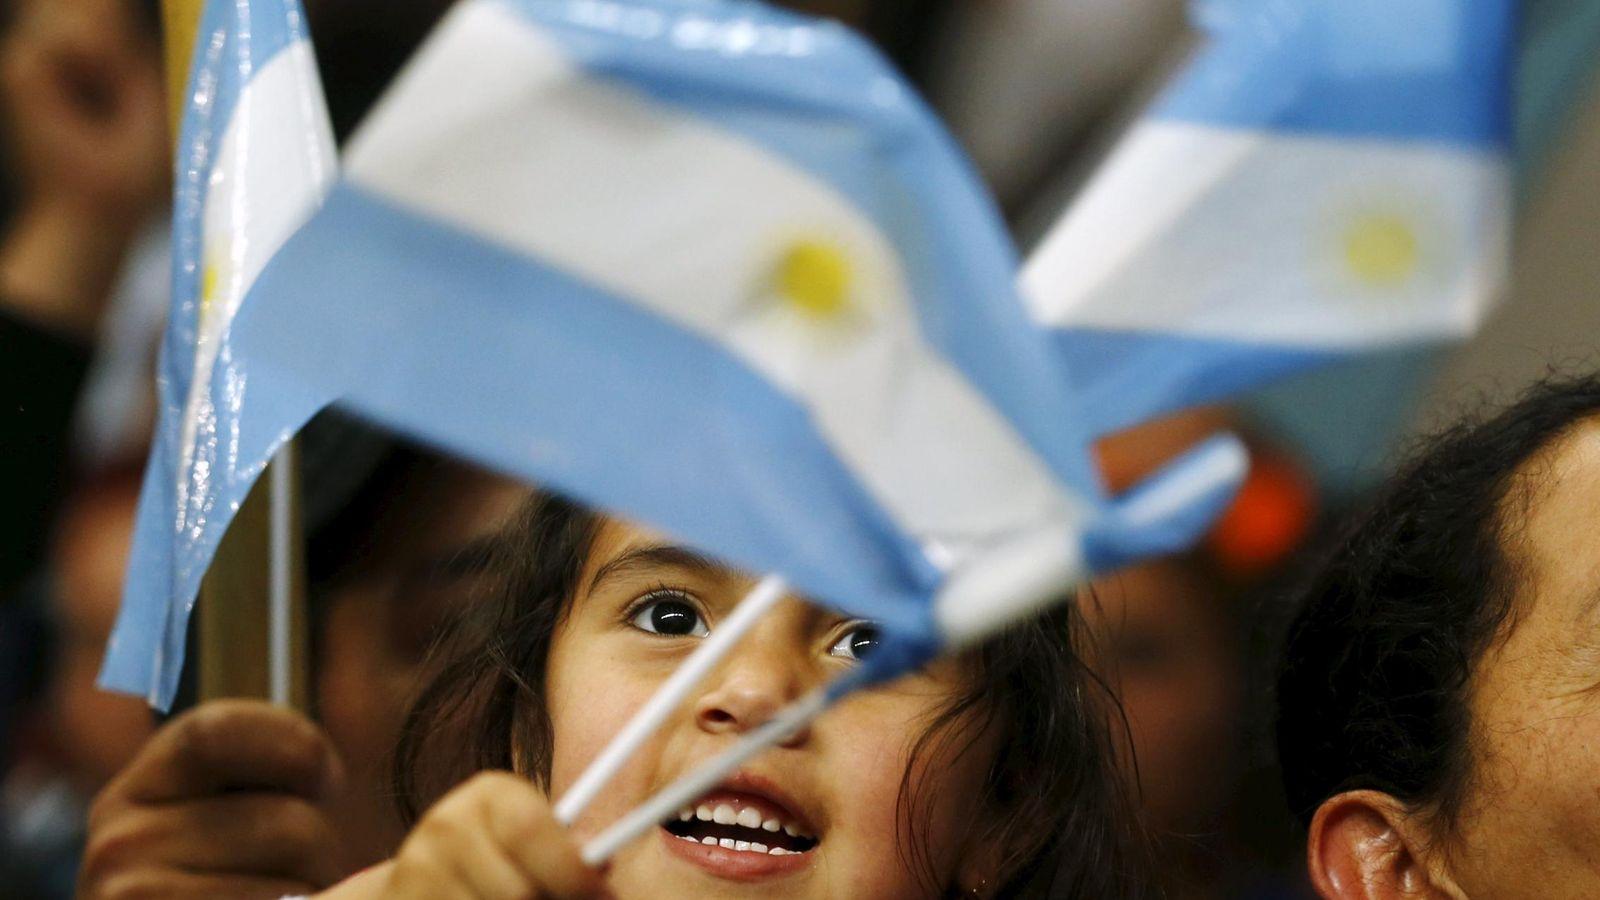 Foto: Una niña agita la bandera argentina durante un mitin del candidato oficialista Daniel Scioli en el suburbio bonaerense de La Matanza, el 19 de noviembre de 2015. (Reuters)